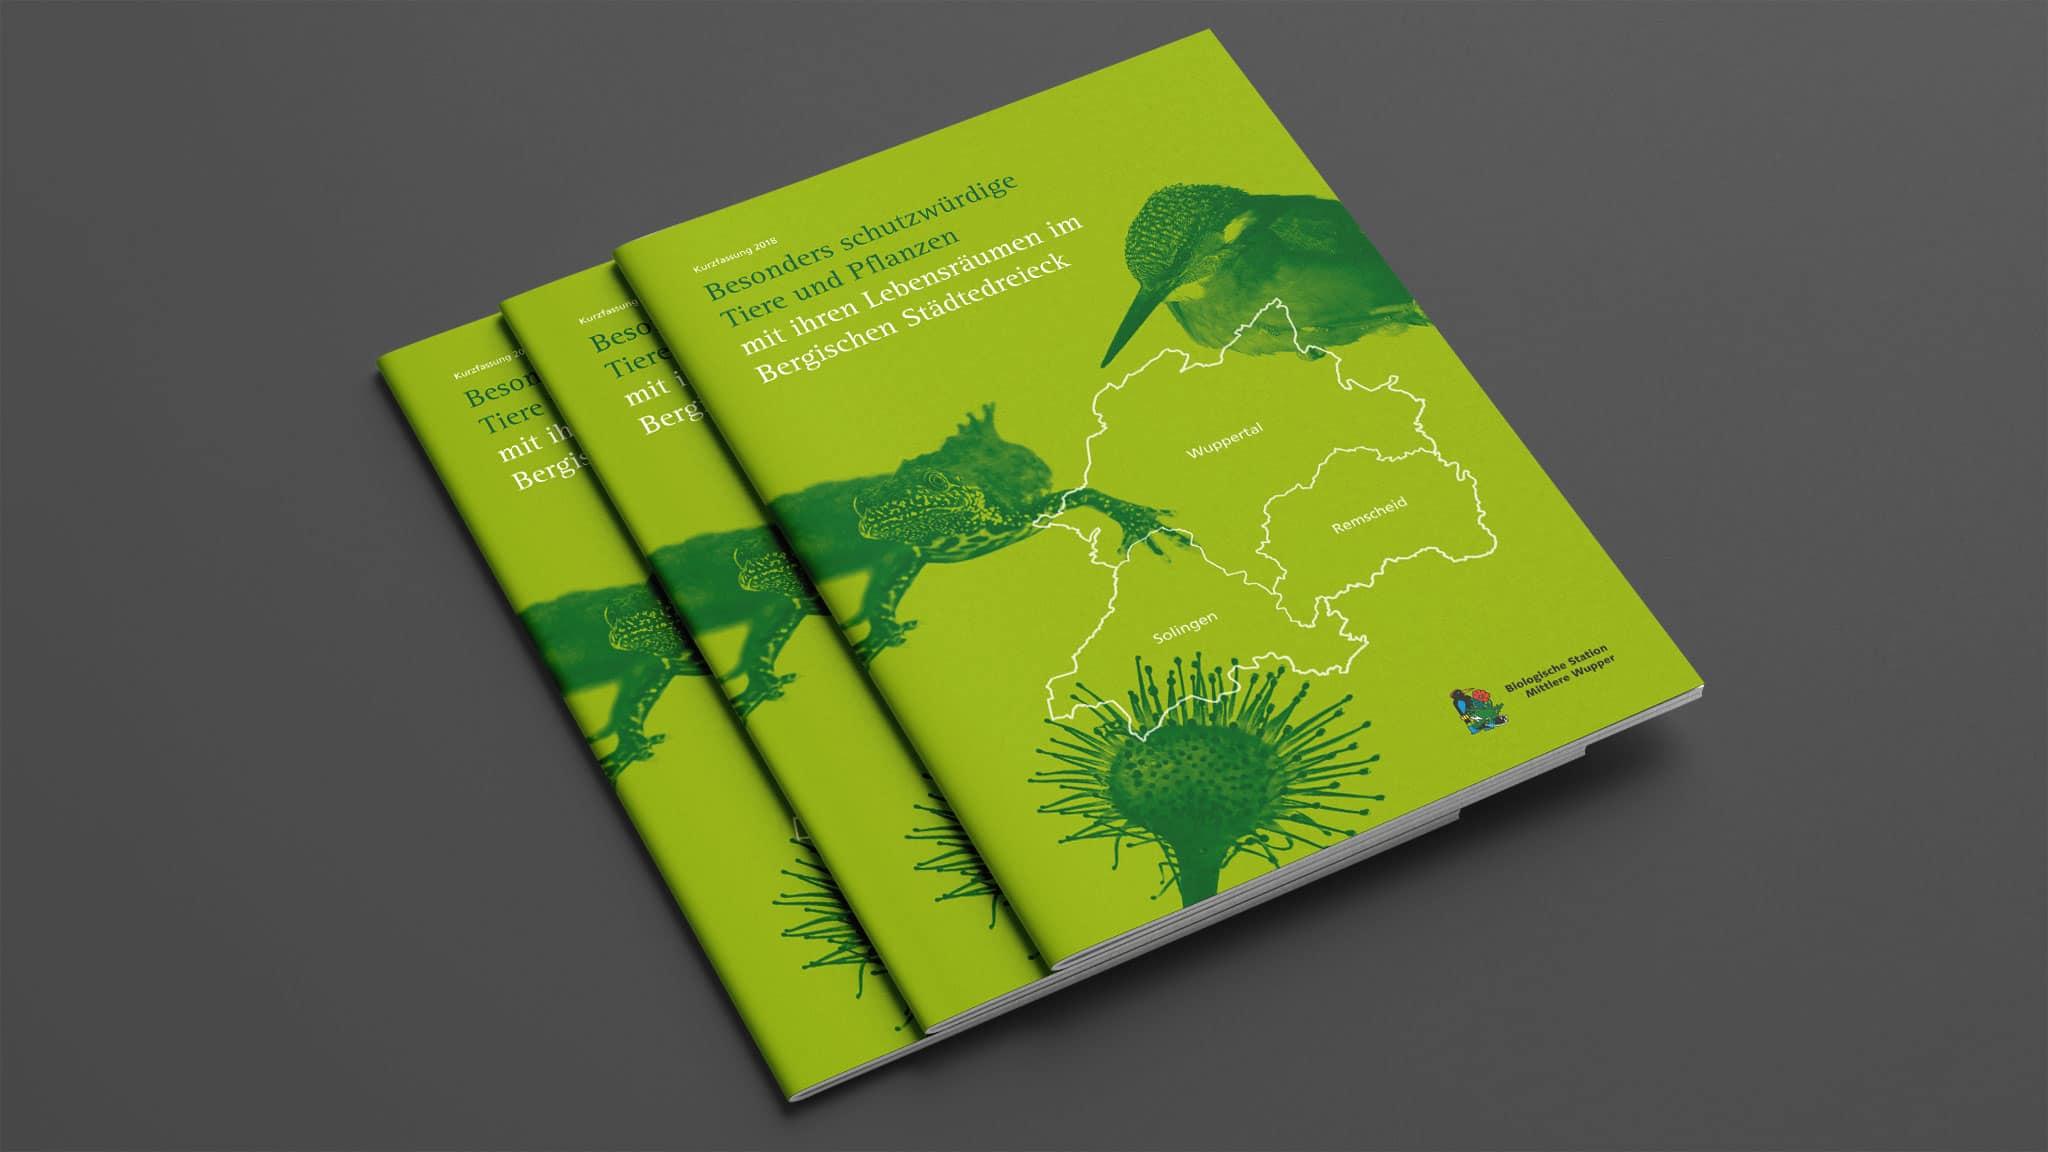 Titel-Design für die Broschüre Bergisches Städtedreieck